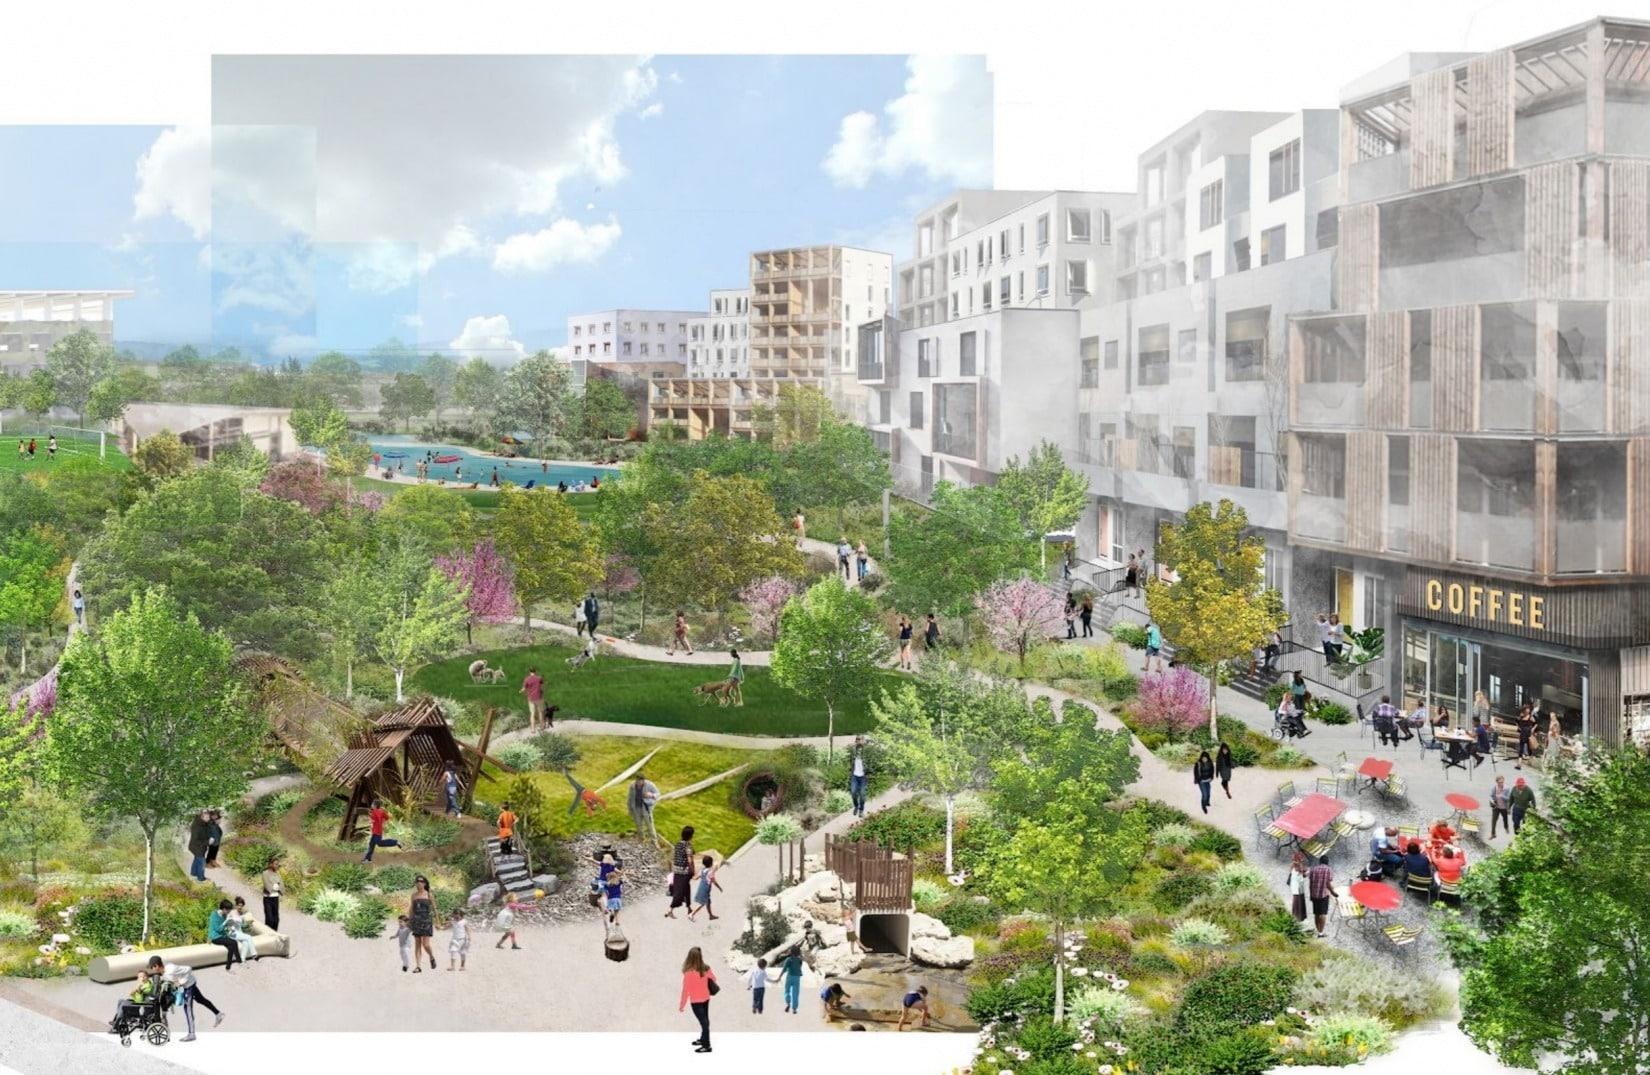 Oraşul Google: Compania construieşte un campus uriaş, cu parcuri, restaurante şi locuinţe (FOTO)